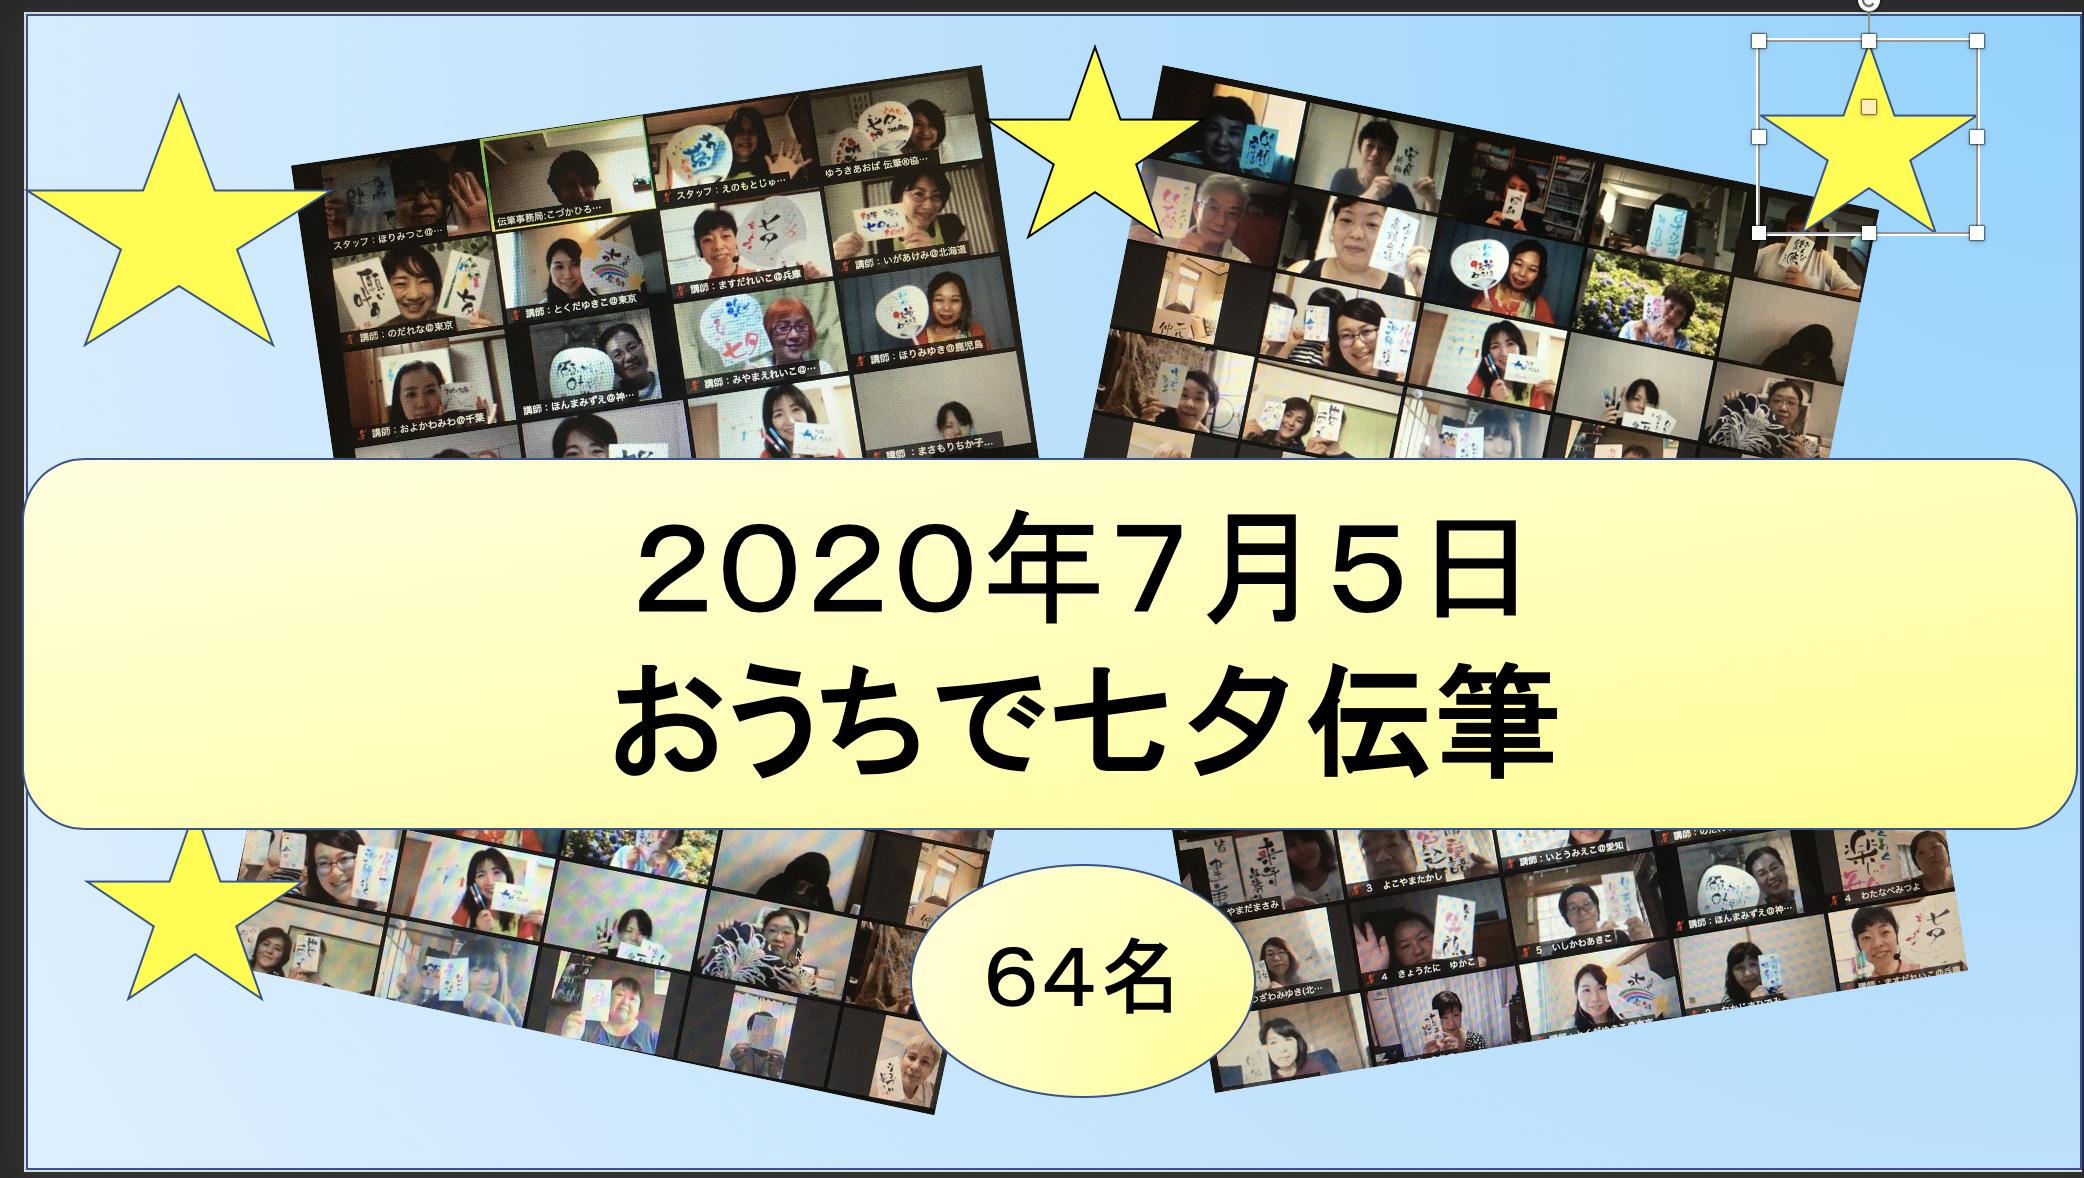 総勢62名「おうちで七夕伝筆」夢や願いを叶えます!